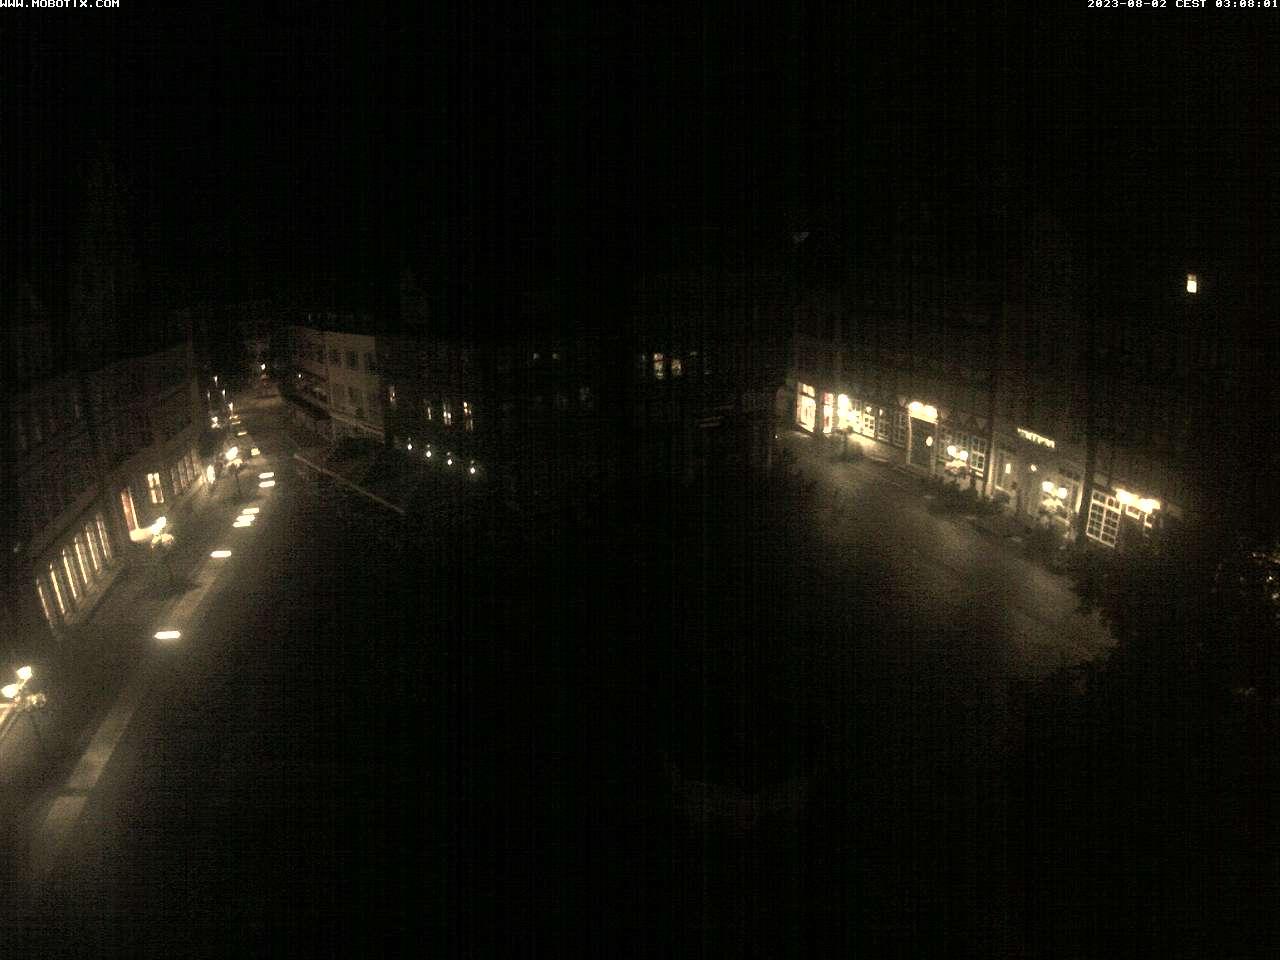 Hildesheim Wed. 03:10